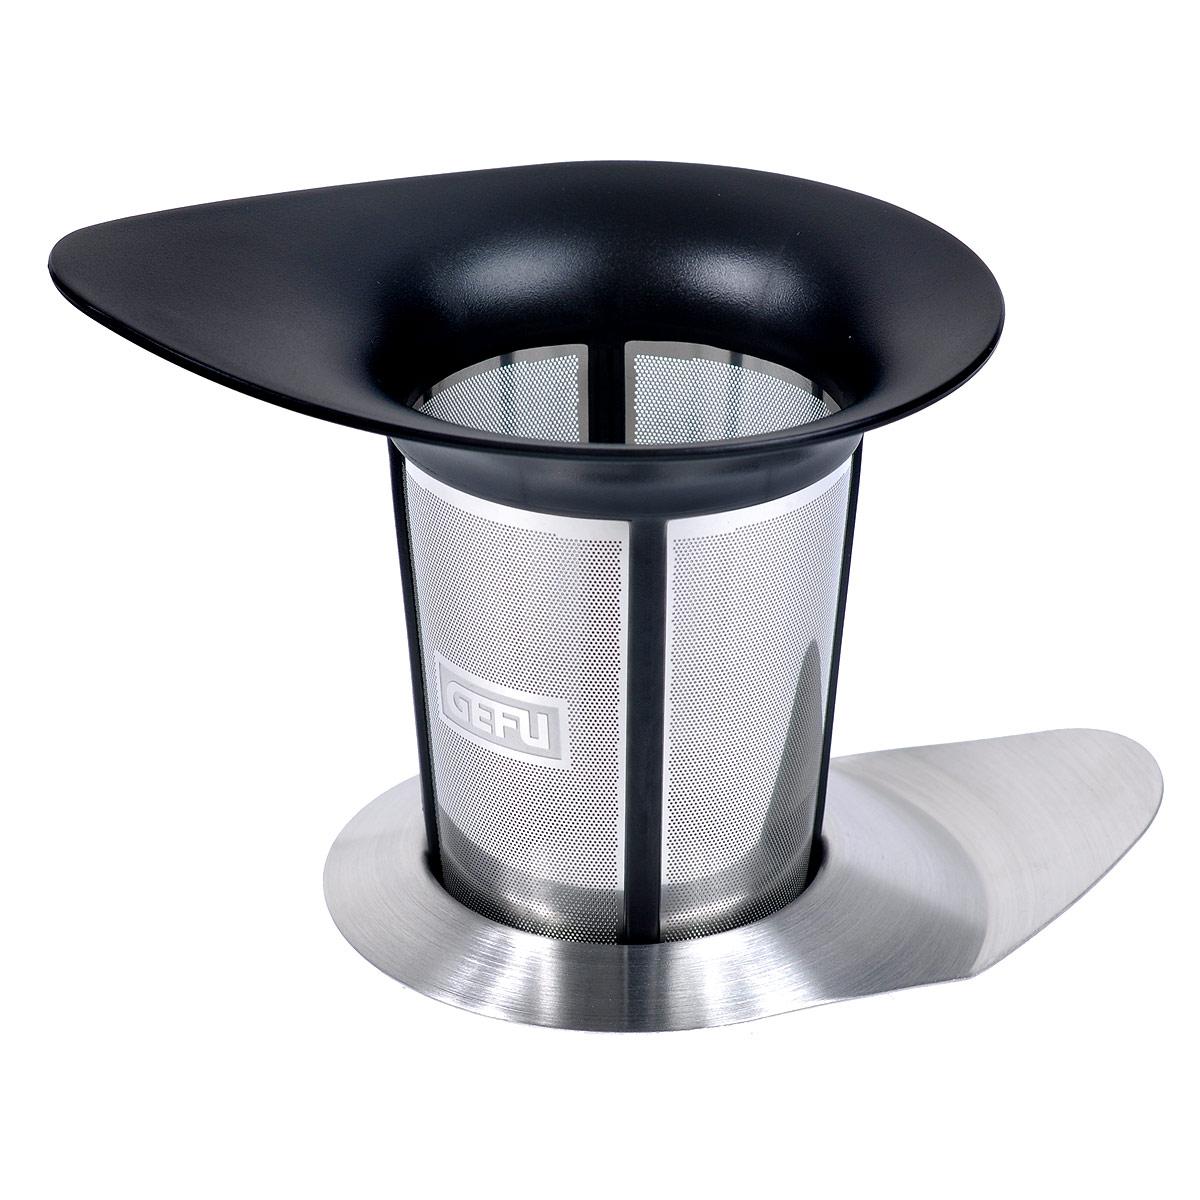 Сито для заваривания чая Gefu Армониа12900Сито Gefu Армониа, выполненное из высококачественного пластика черного цвета и нержавеющей стали прекрасно подойдет для заваривания чая прям в чашке.Насладитесь неповторимой чайной церемонией, используя фильтр Армониа, который можно поместить в чашку или в чайник. Несмотря на большой объем, Армониа обеспечивает насыщенный аромат и прекрасный вкус, так как имеет особую структуру микрофильтрации. Любители чая непременно оценят изящную и функциональную крышку из нержавеющей стали, которая сохранит аромат, а так же пригодится как подставка, на которую можно поместить фильтр после использования. Можно мыть в посудомоечной машине. Характеристики:Материал: высококачественный пластик, нержавеющая сталь. Размер сито: 12 см х9 см х 9,3 см. Размер крышки: 11,5 см х 8 см х 1 см. Цвет: серебристый, черный. Артикул: 12900.